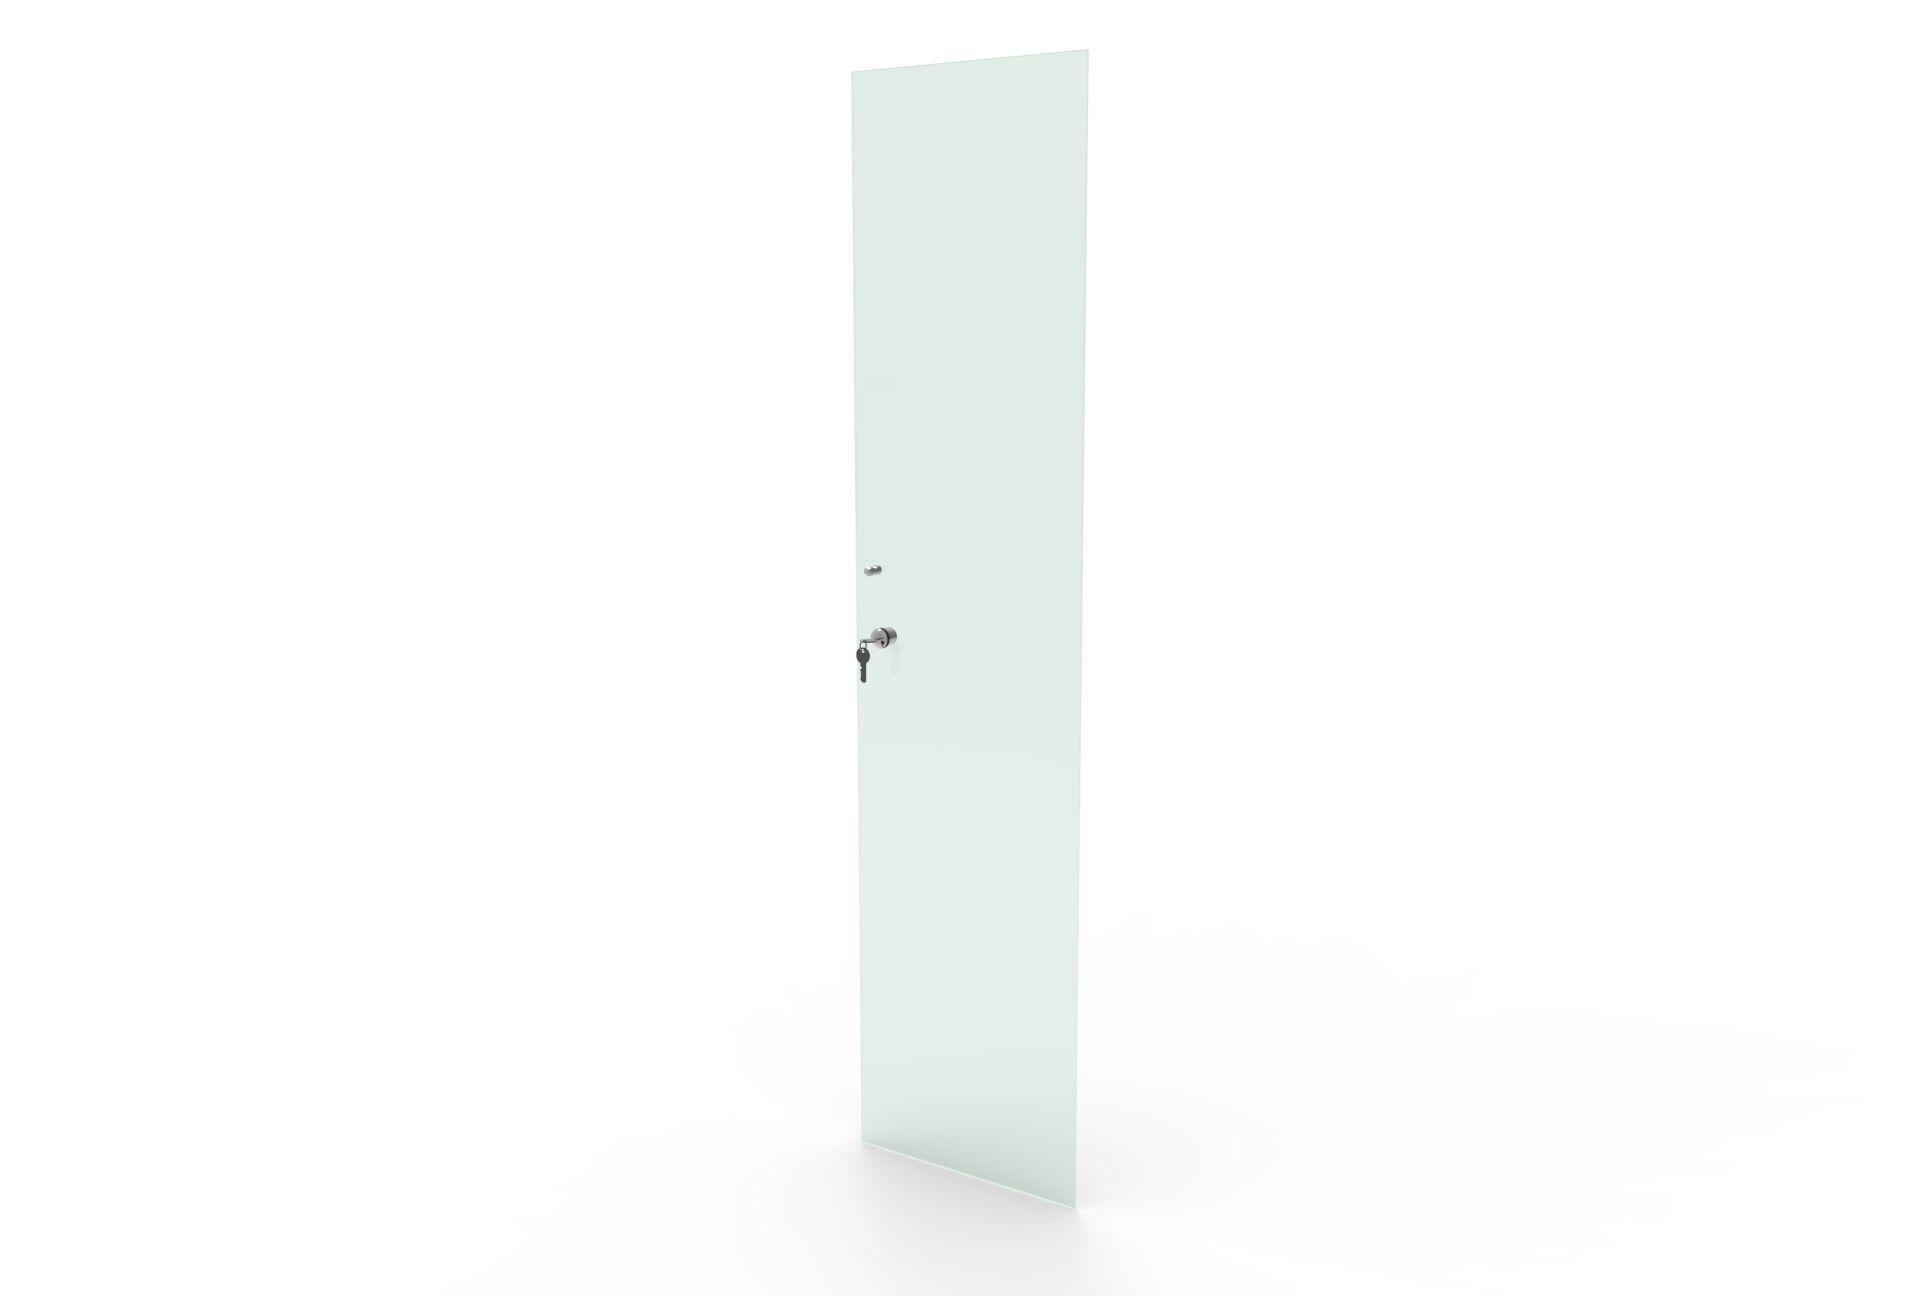 Porta de vidro incolor com chave para estante BK Bürohaus